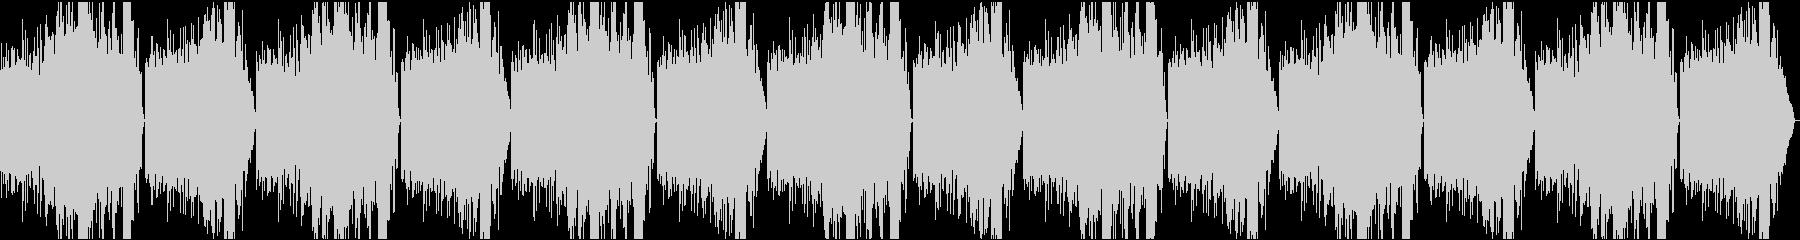 企業VP19 14分16bit48kHzの未再生の波形